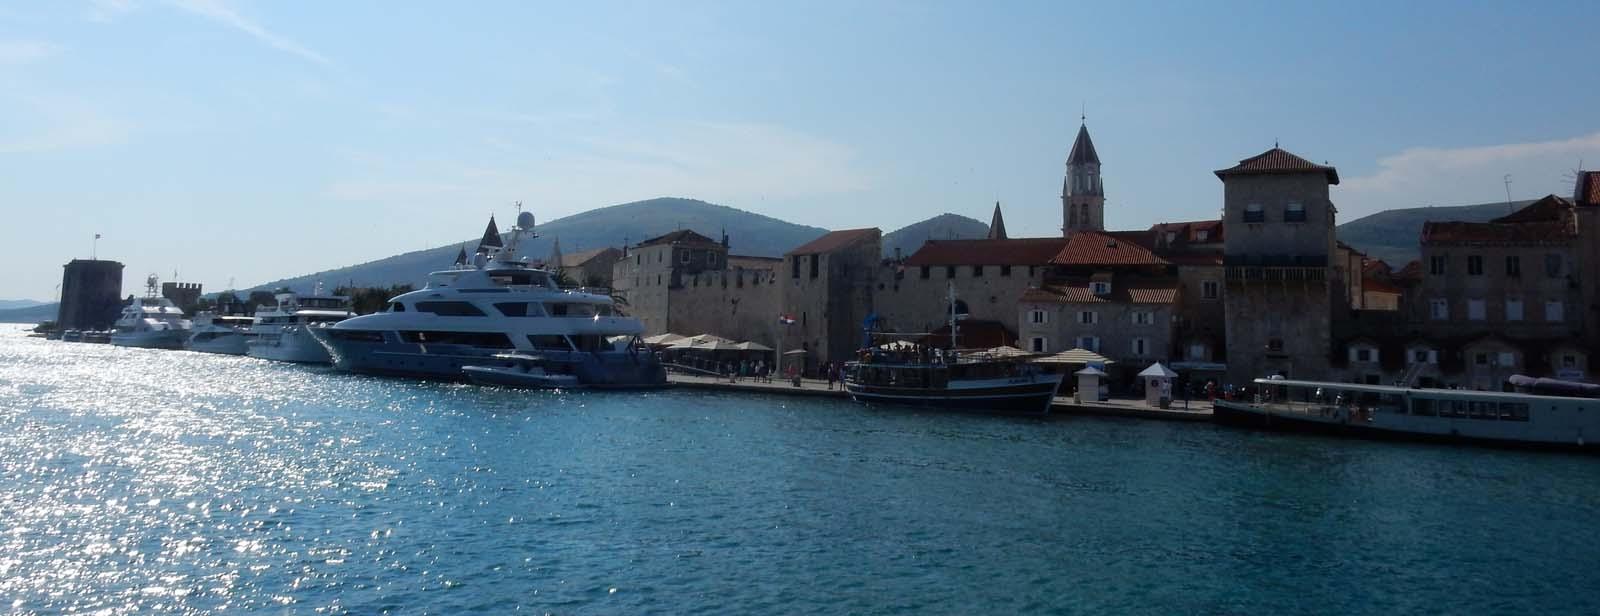 Von Plitvice nach Trogir - Über den Krka-Ursprung zum Kiesstrand